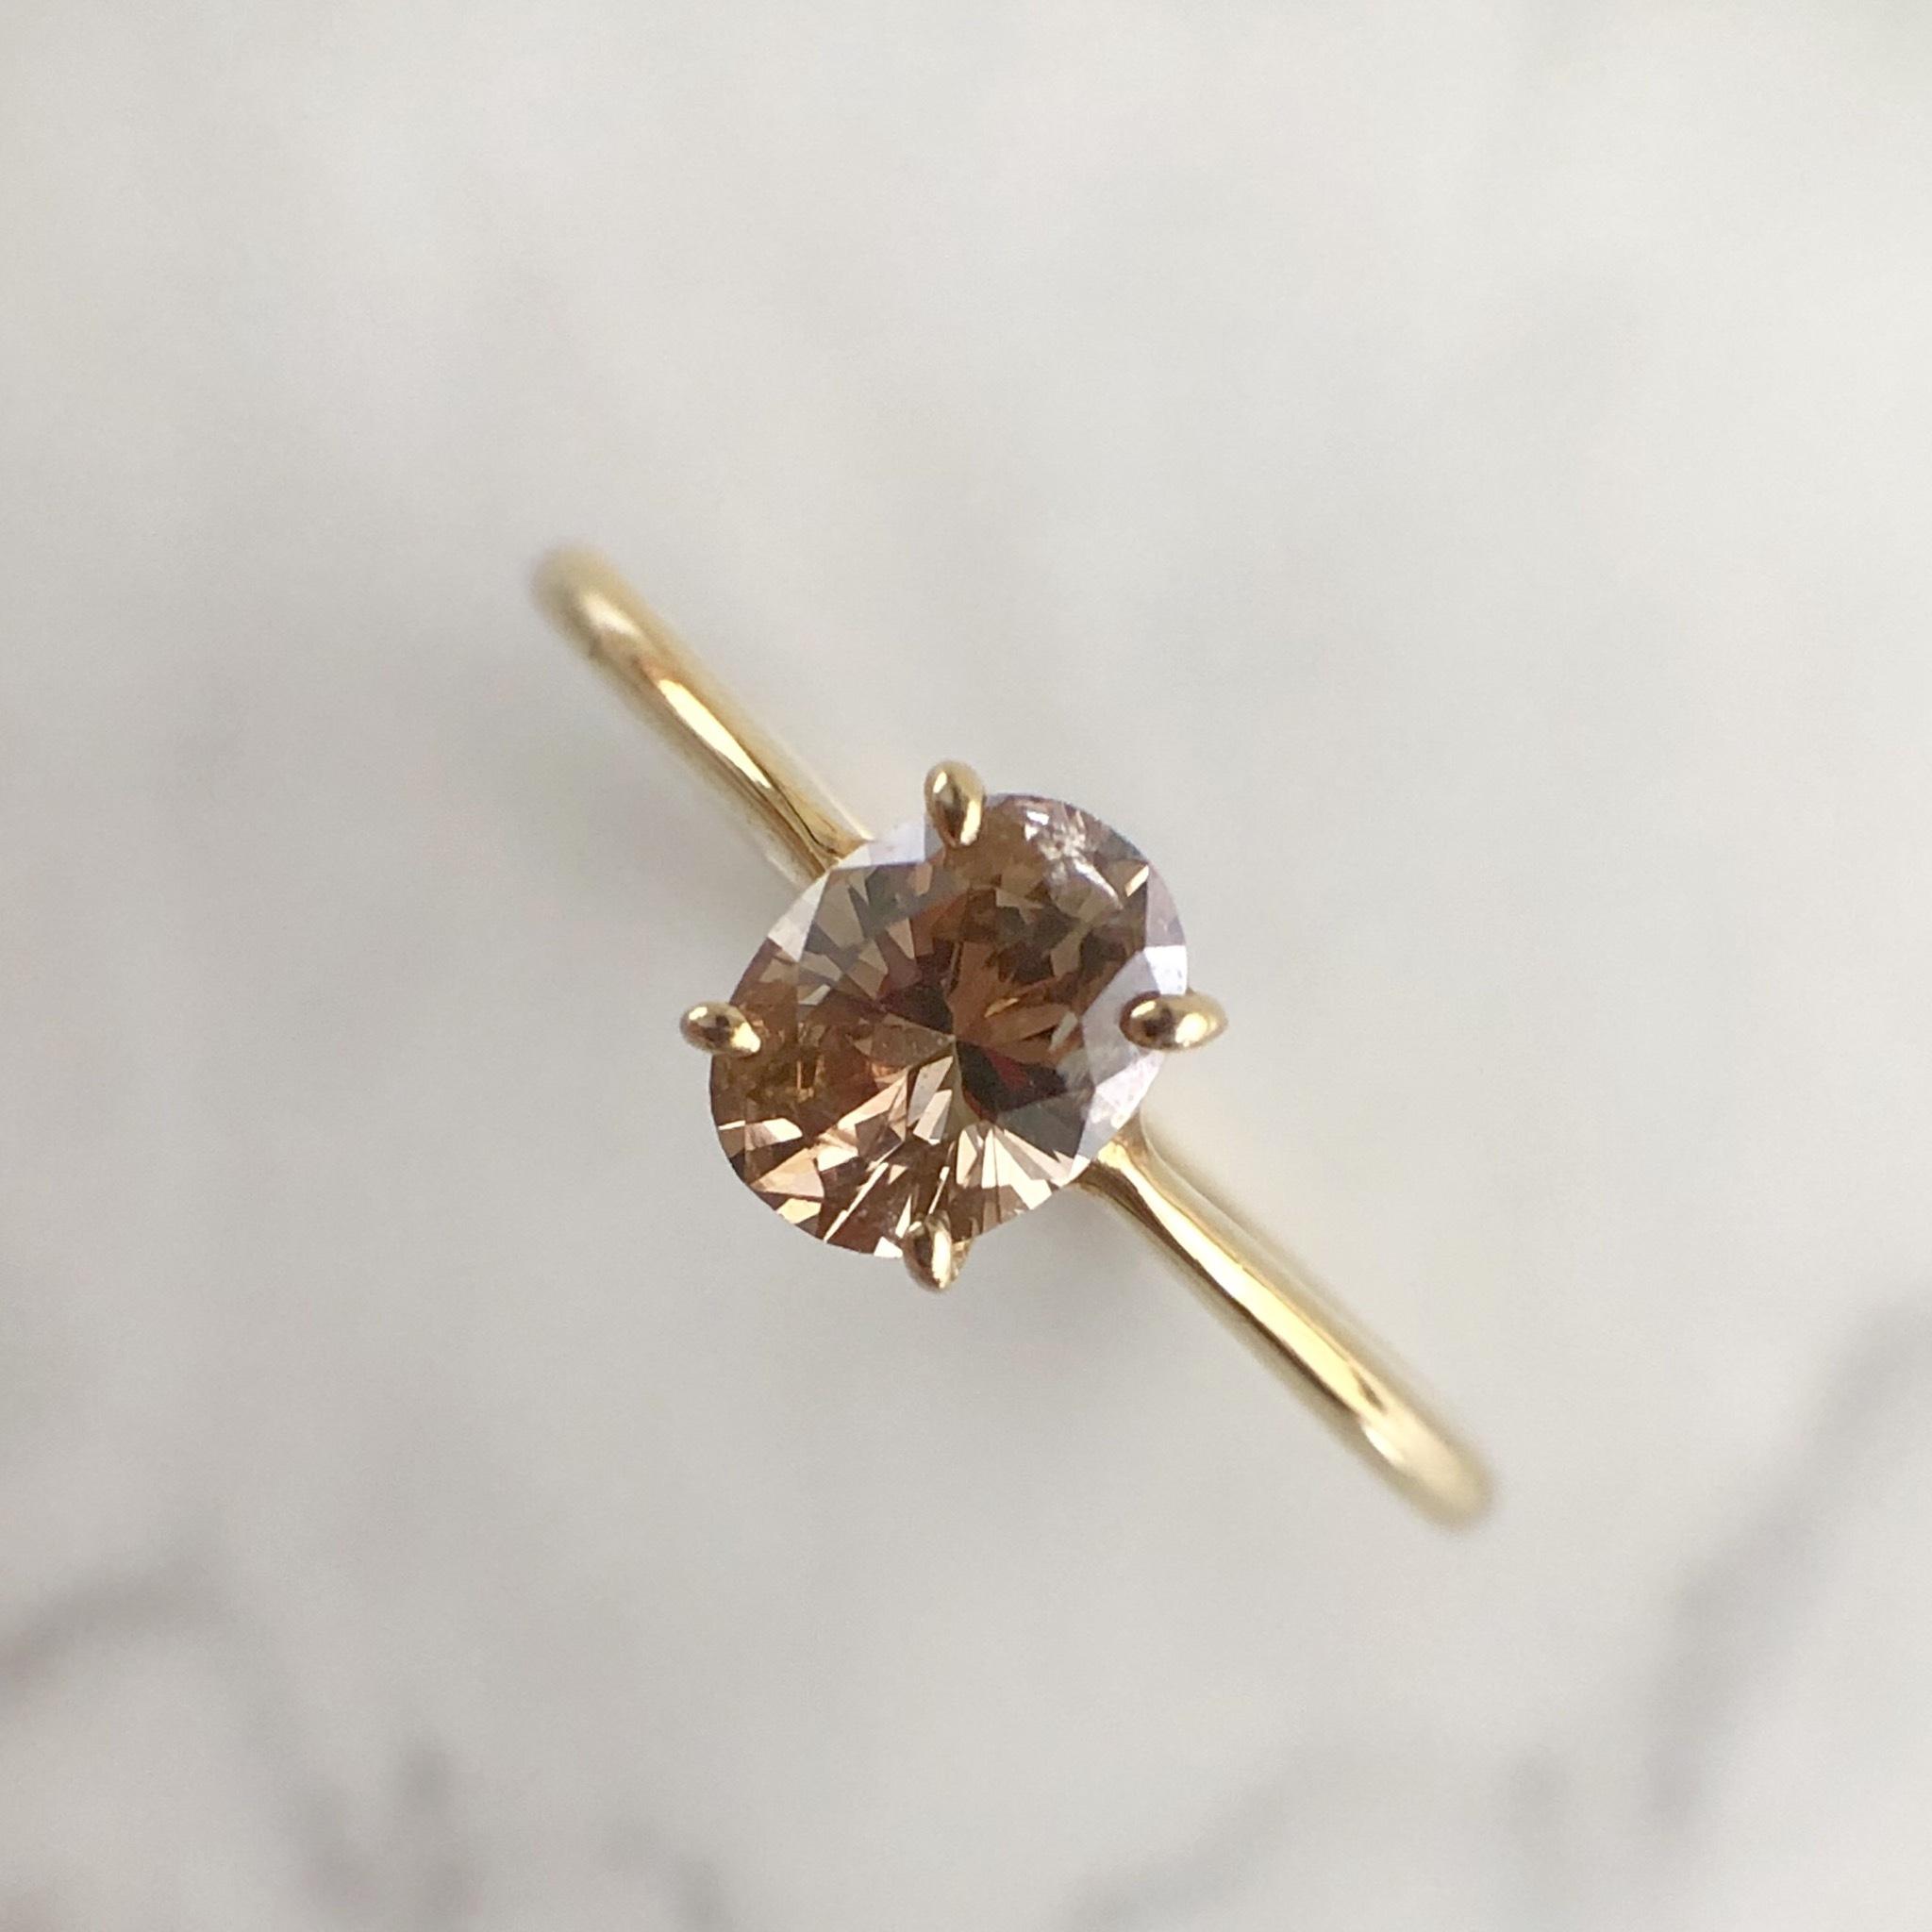 ブラウン オーバルカット ダイヤモンド リング 0.30ct K18イエローゴールド チェカ 鑑別書付